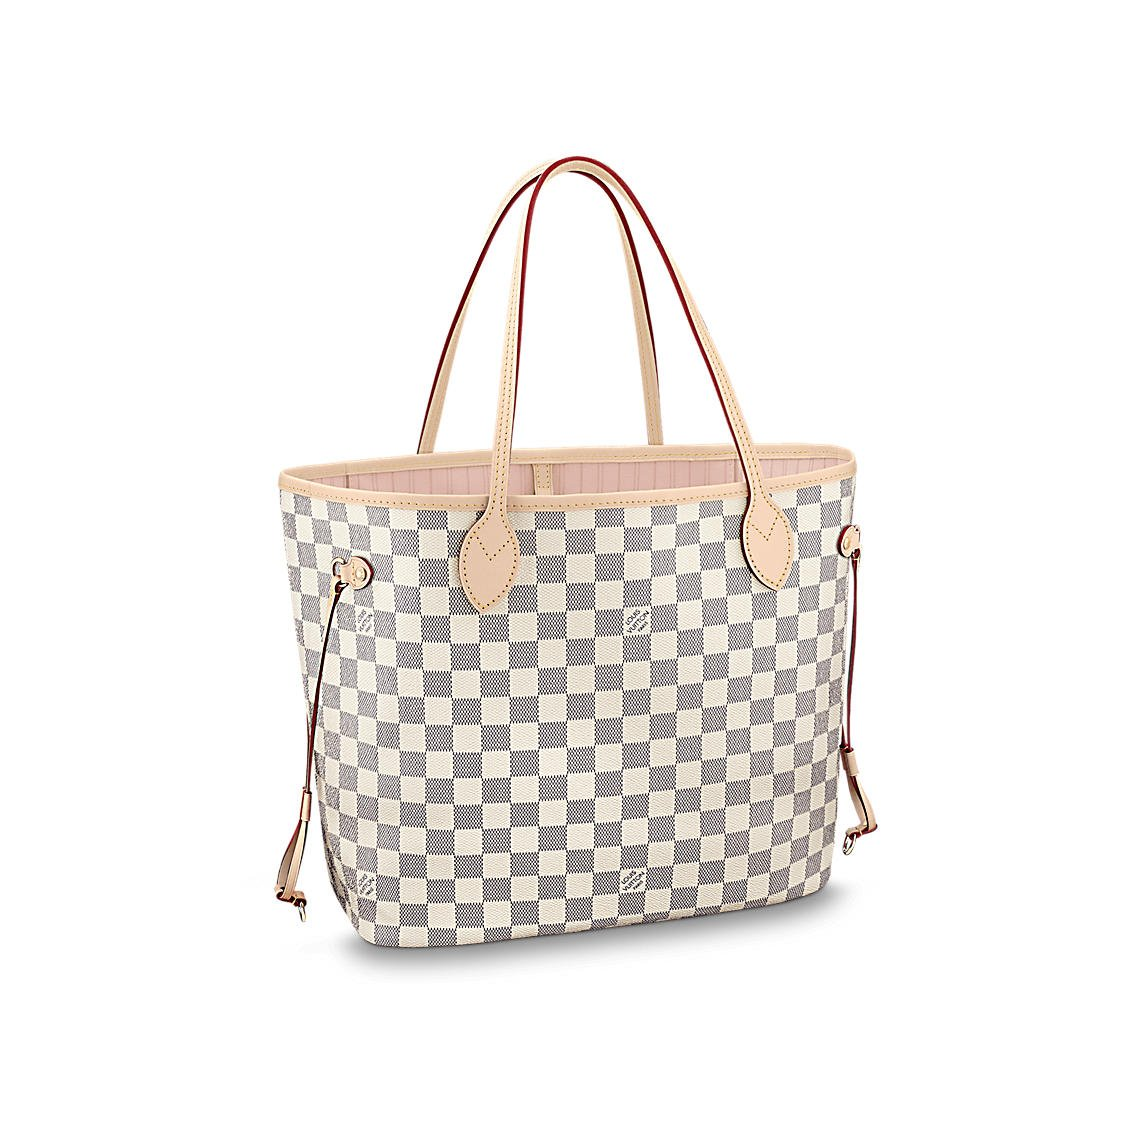 db938424430c Amazon.com  Louis Vuitton Damier Azur Canvas Neverfull MM N41605 Rose  Ballerine  Shoes